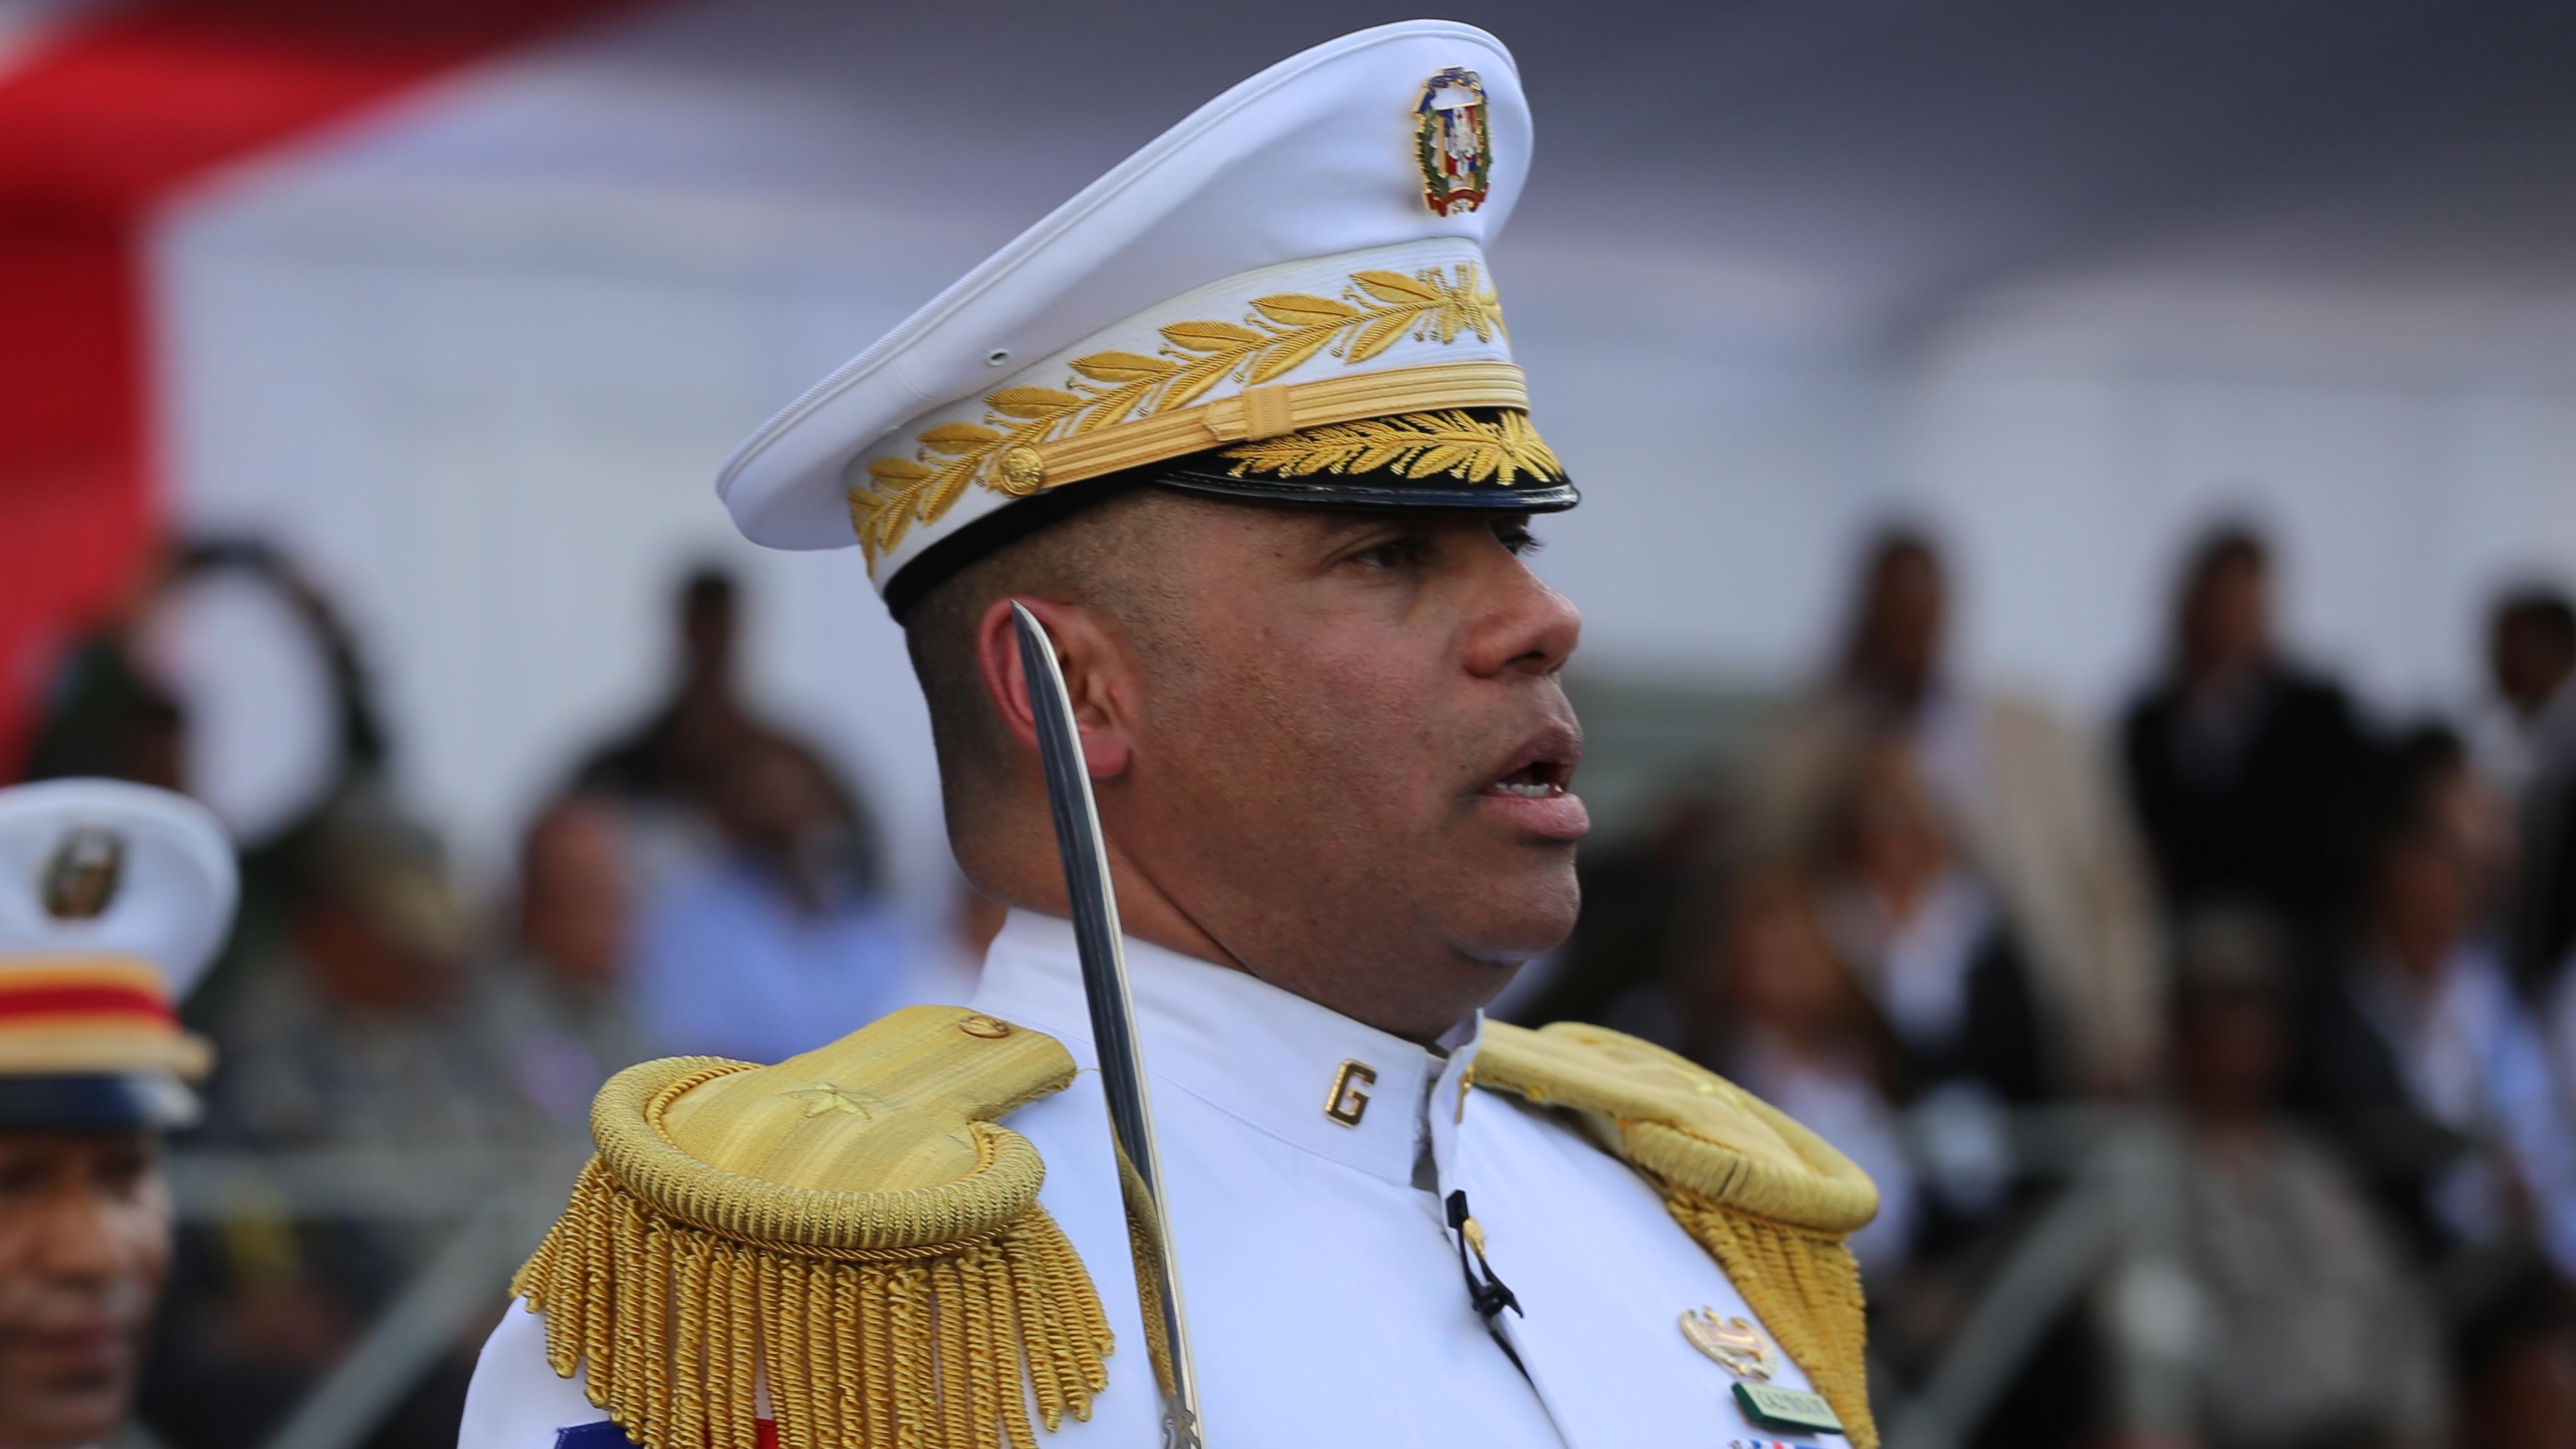 Comandante general del Ejército introduce cambios en unidades mayores